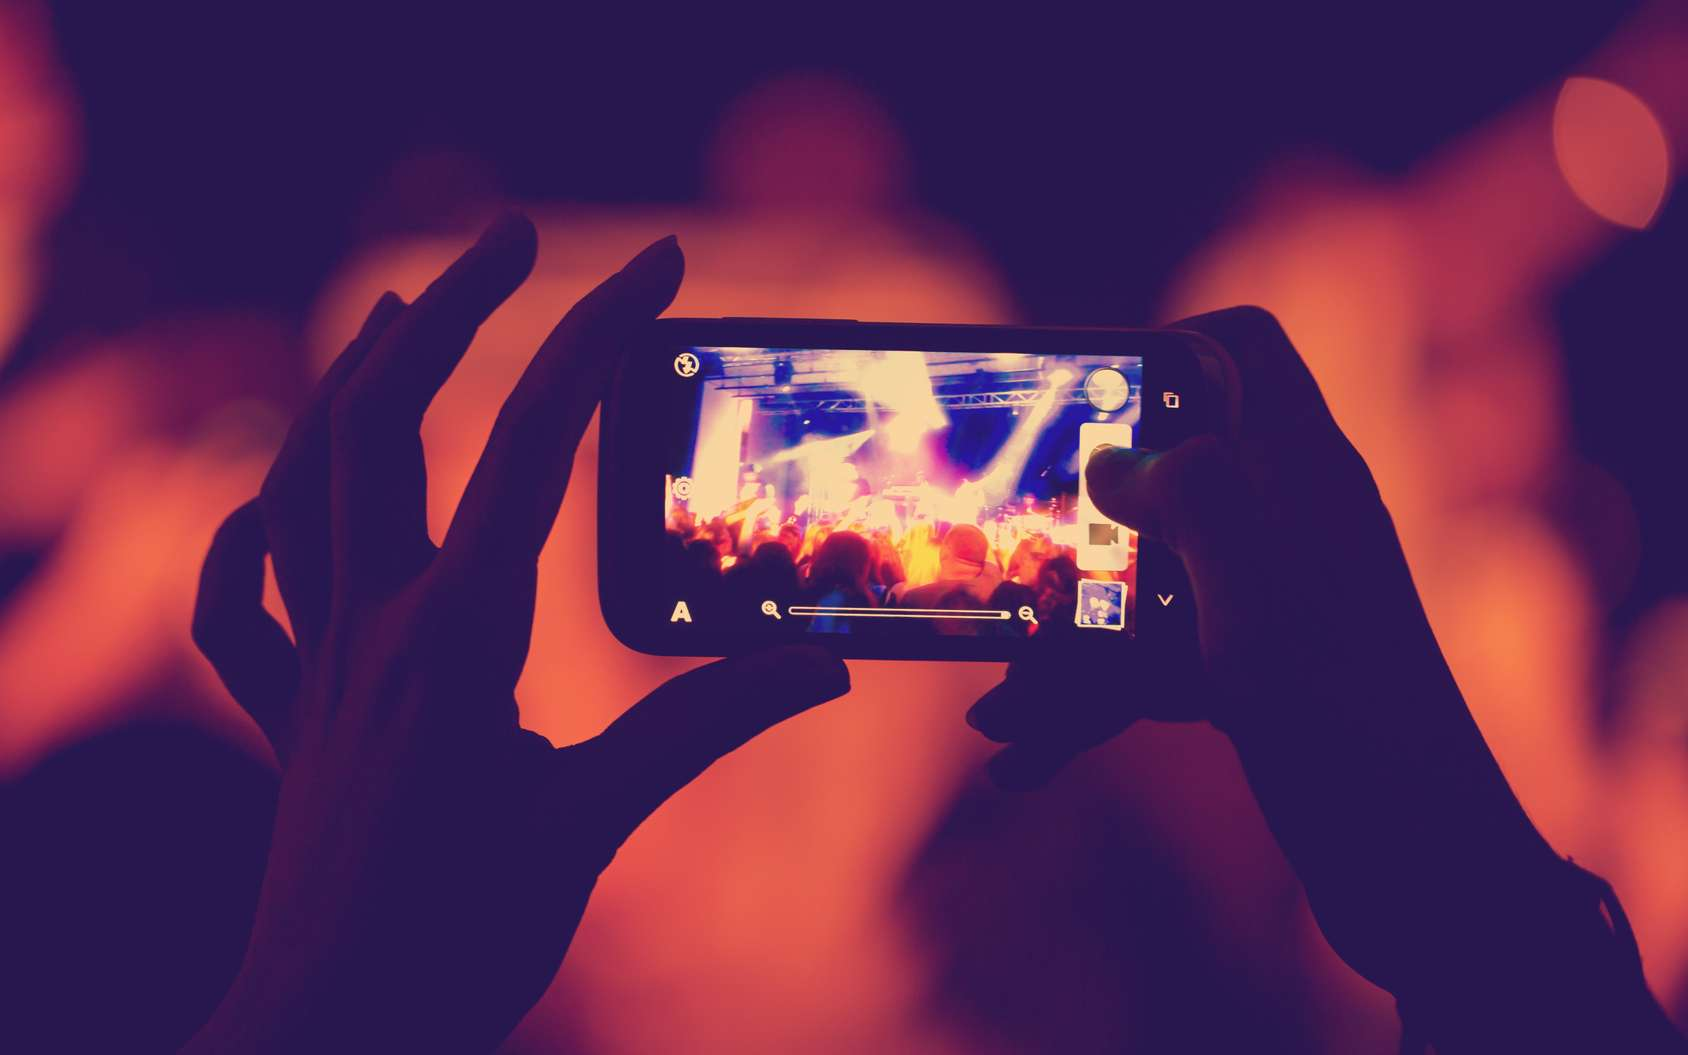 Qu'est-ce qu'Instagram ? © rzoze19, fotolia